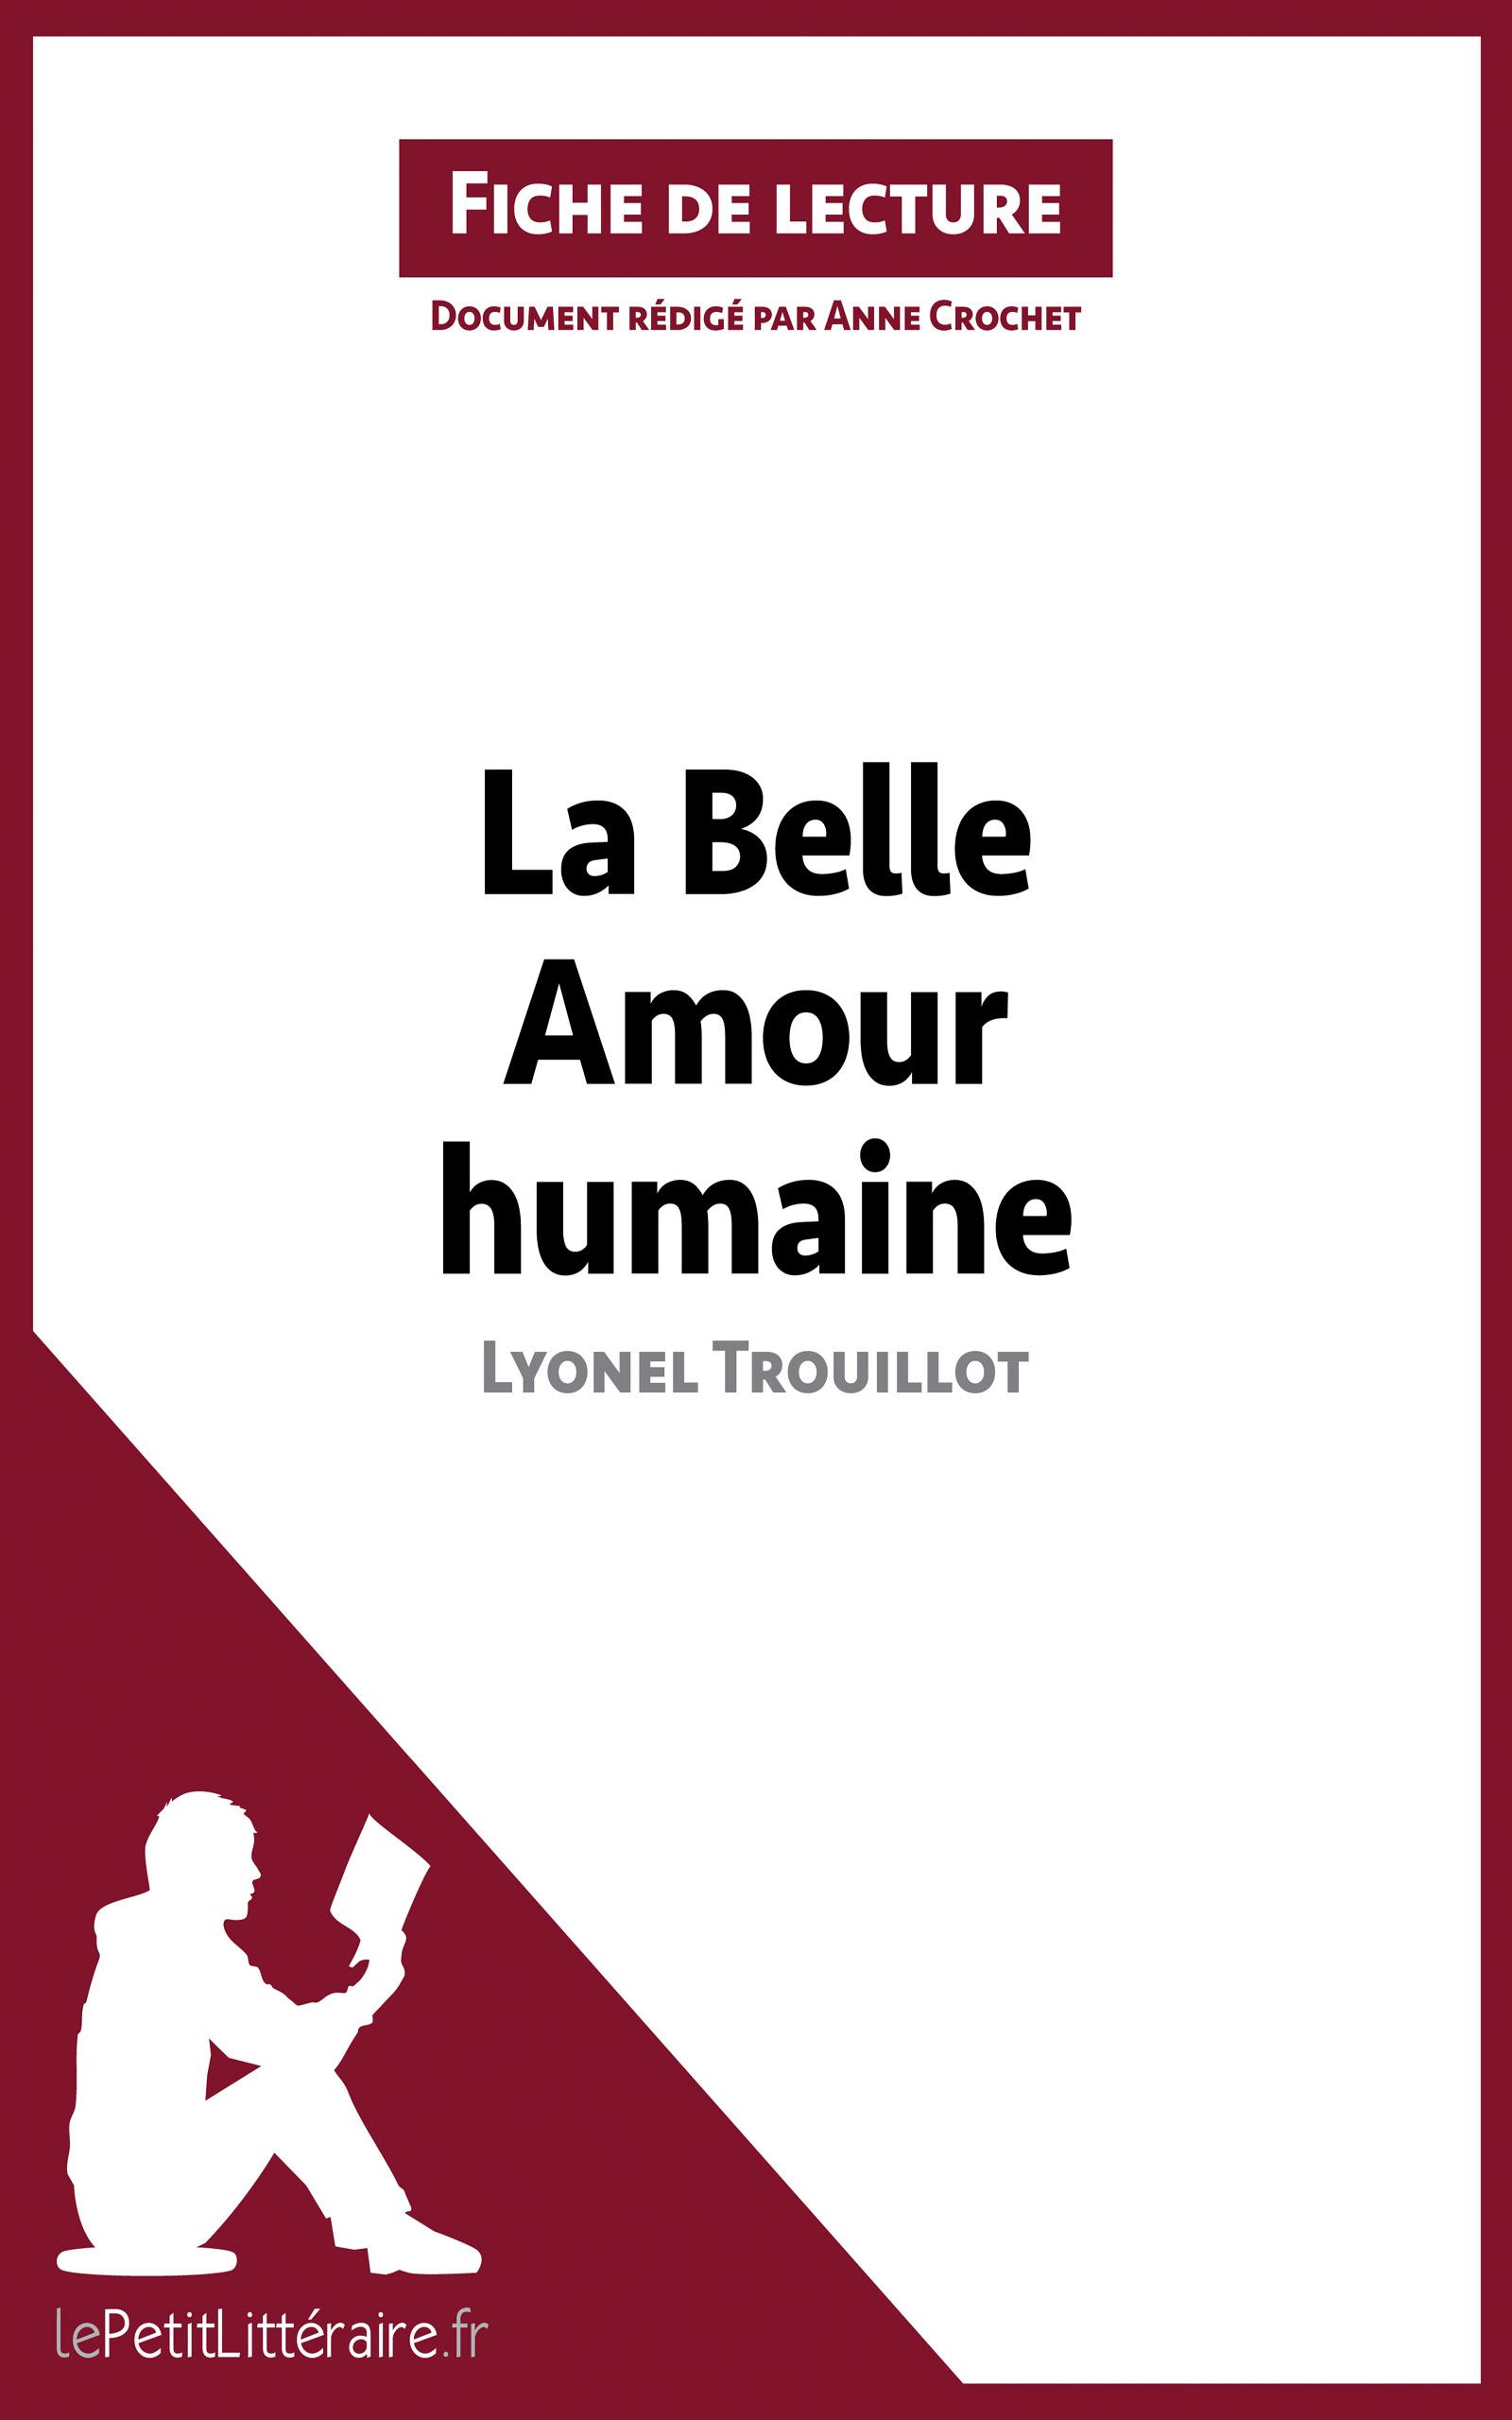 La Belle Amour humaine